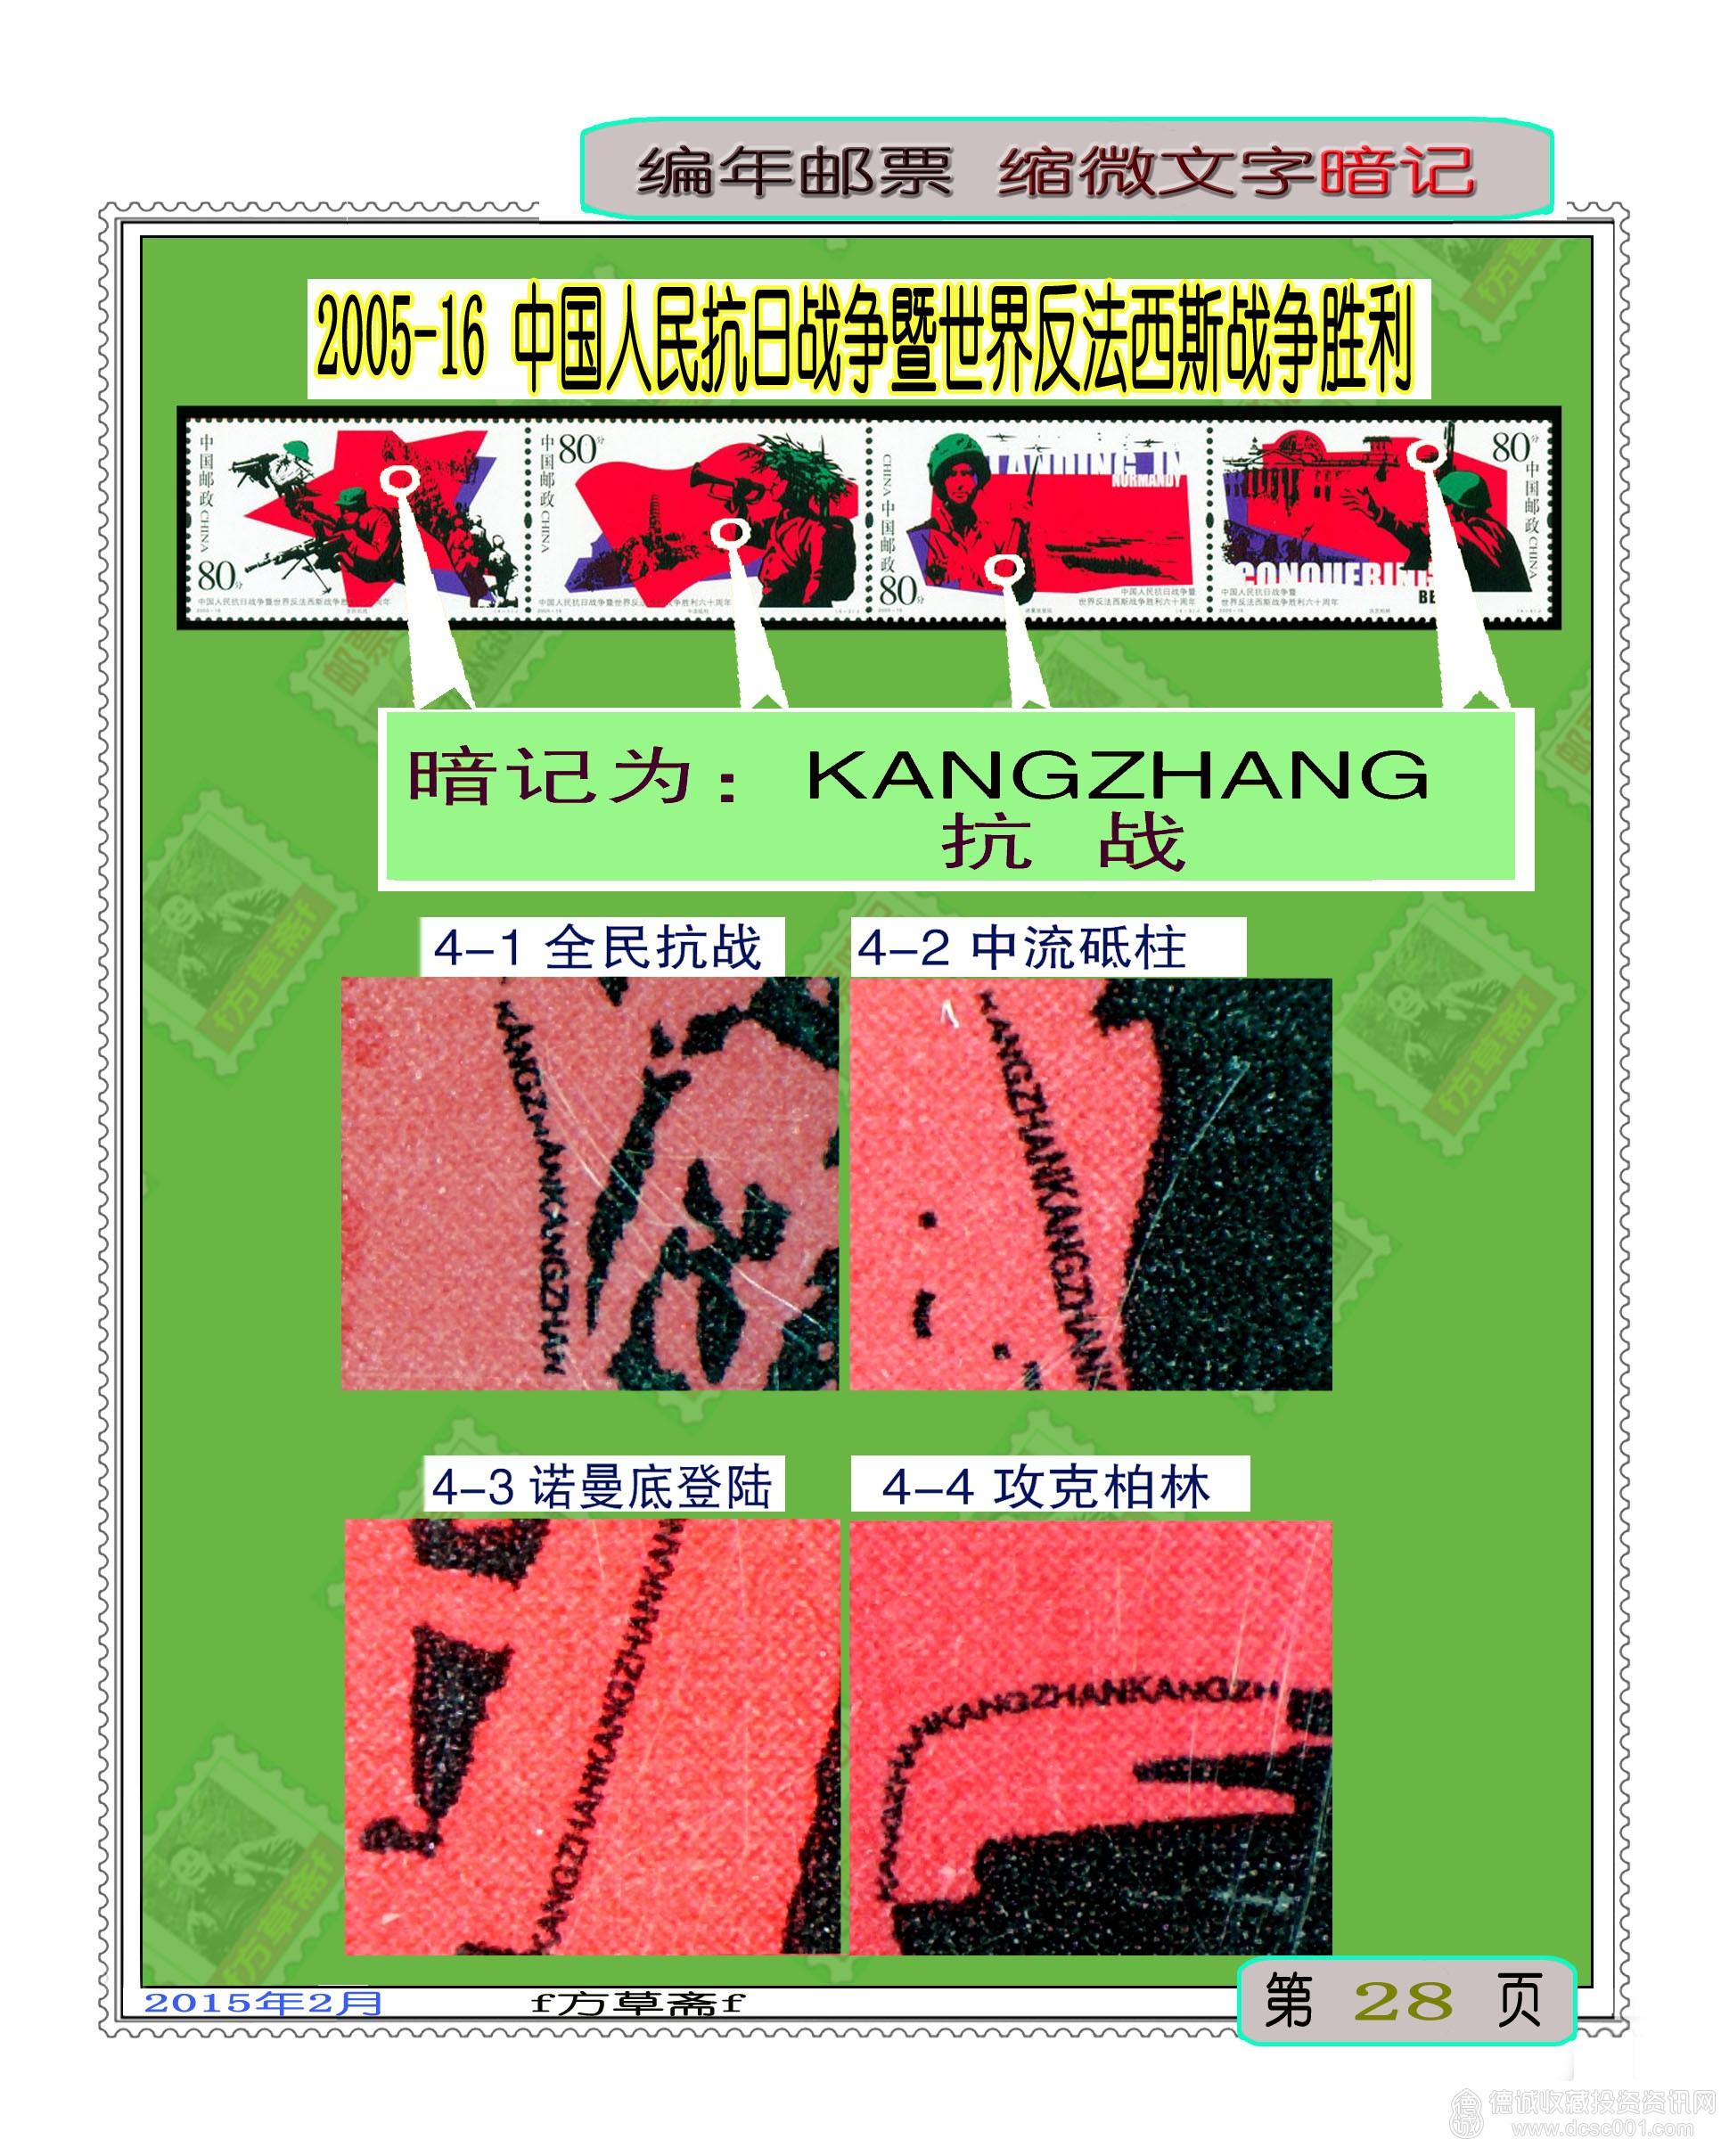 2005-16 中国人民抗日战争暨世界反法西斯战争胜利六十周年.jpg